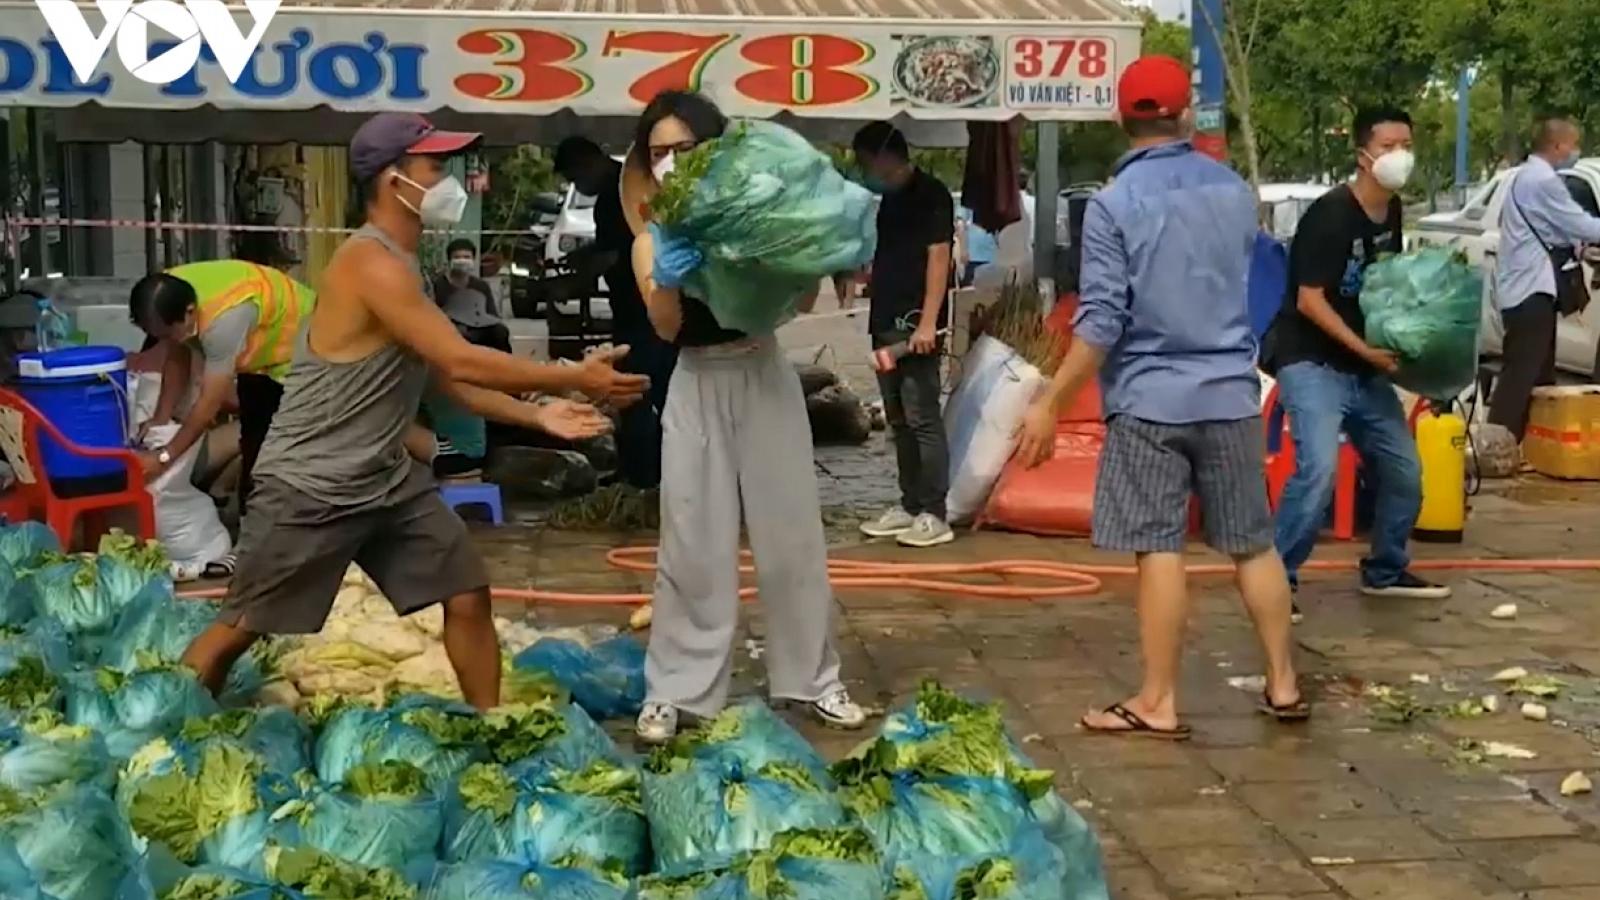 Sài Gòn Share – Lan tỏa yêu thương: Nhật ký một ngày thiện nguyện